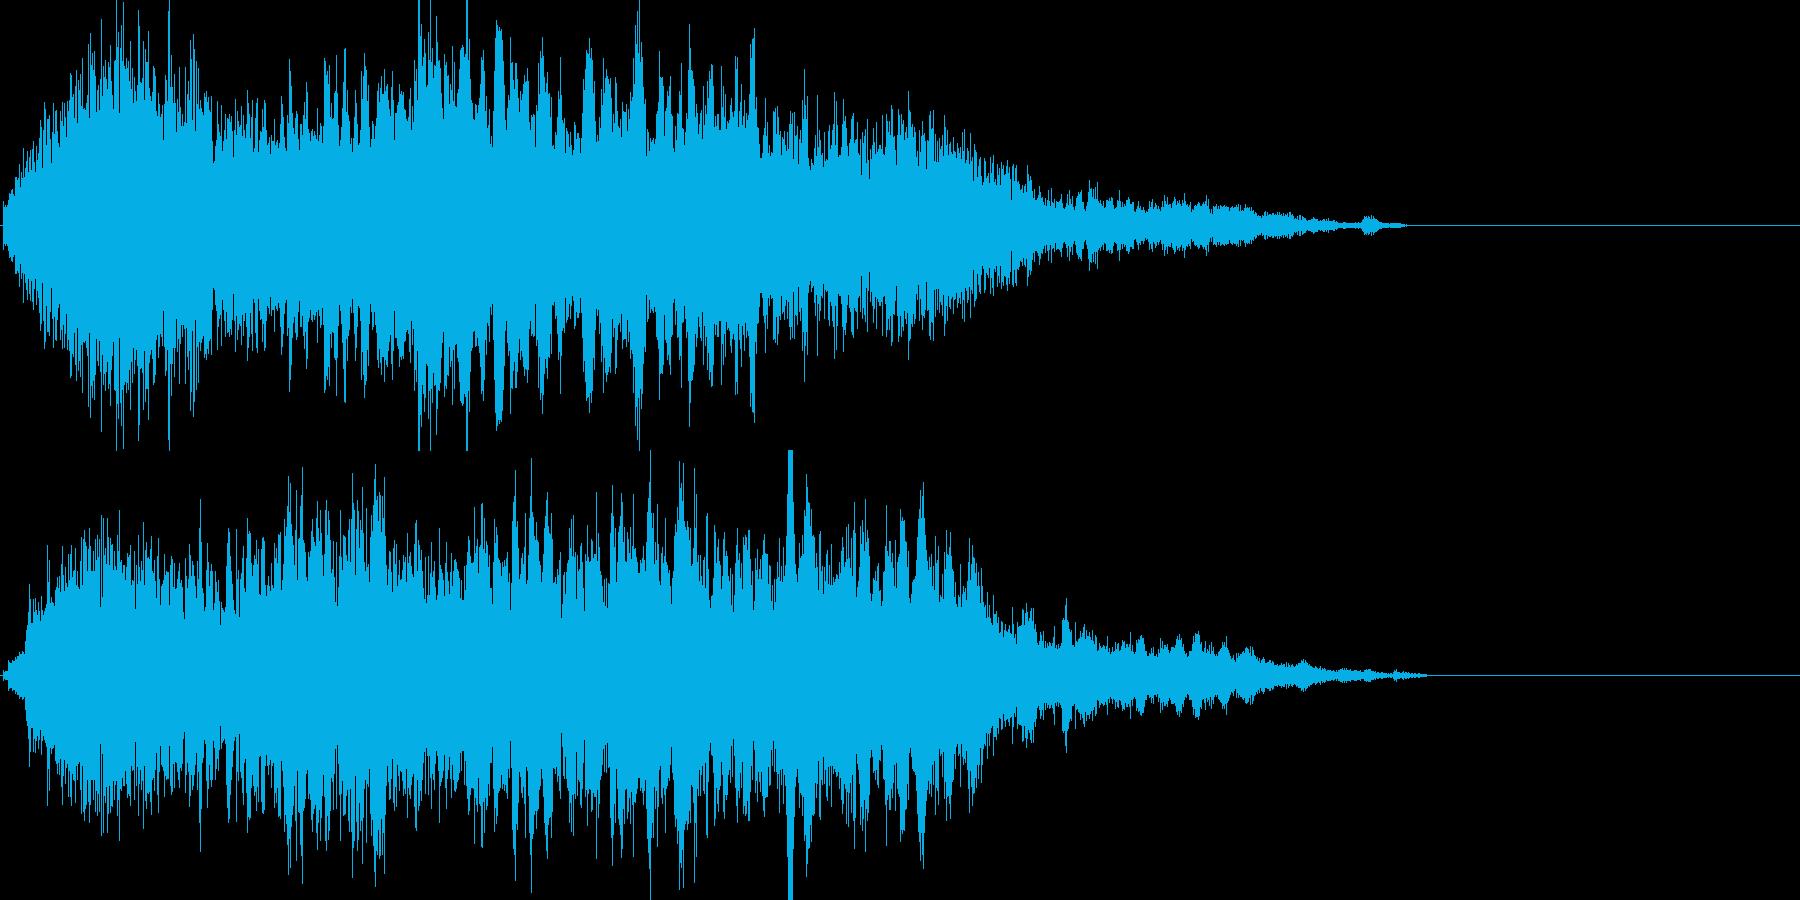 魔法05(攻撃・風・発動・飛ばす系)の再生済みの波形